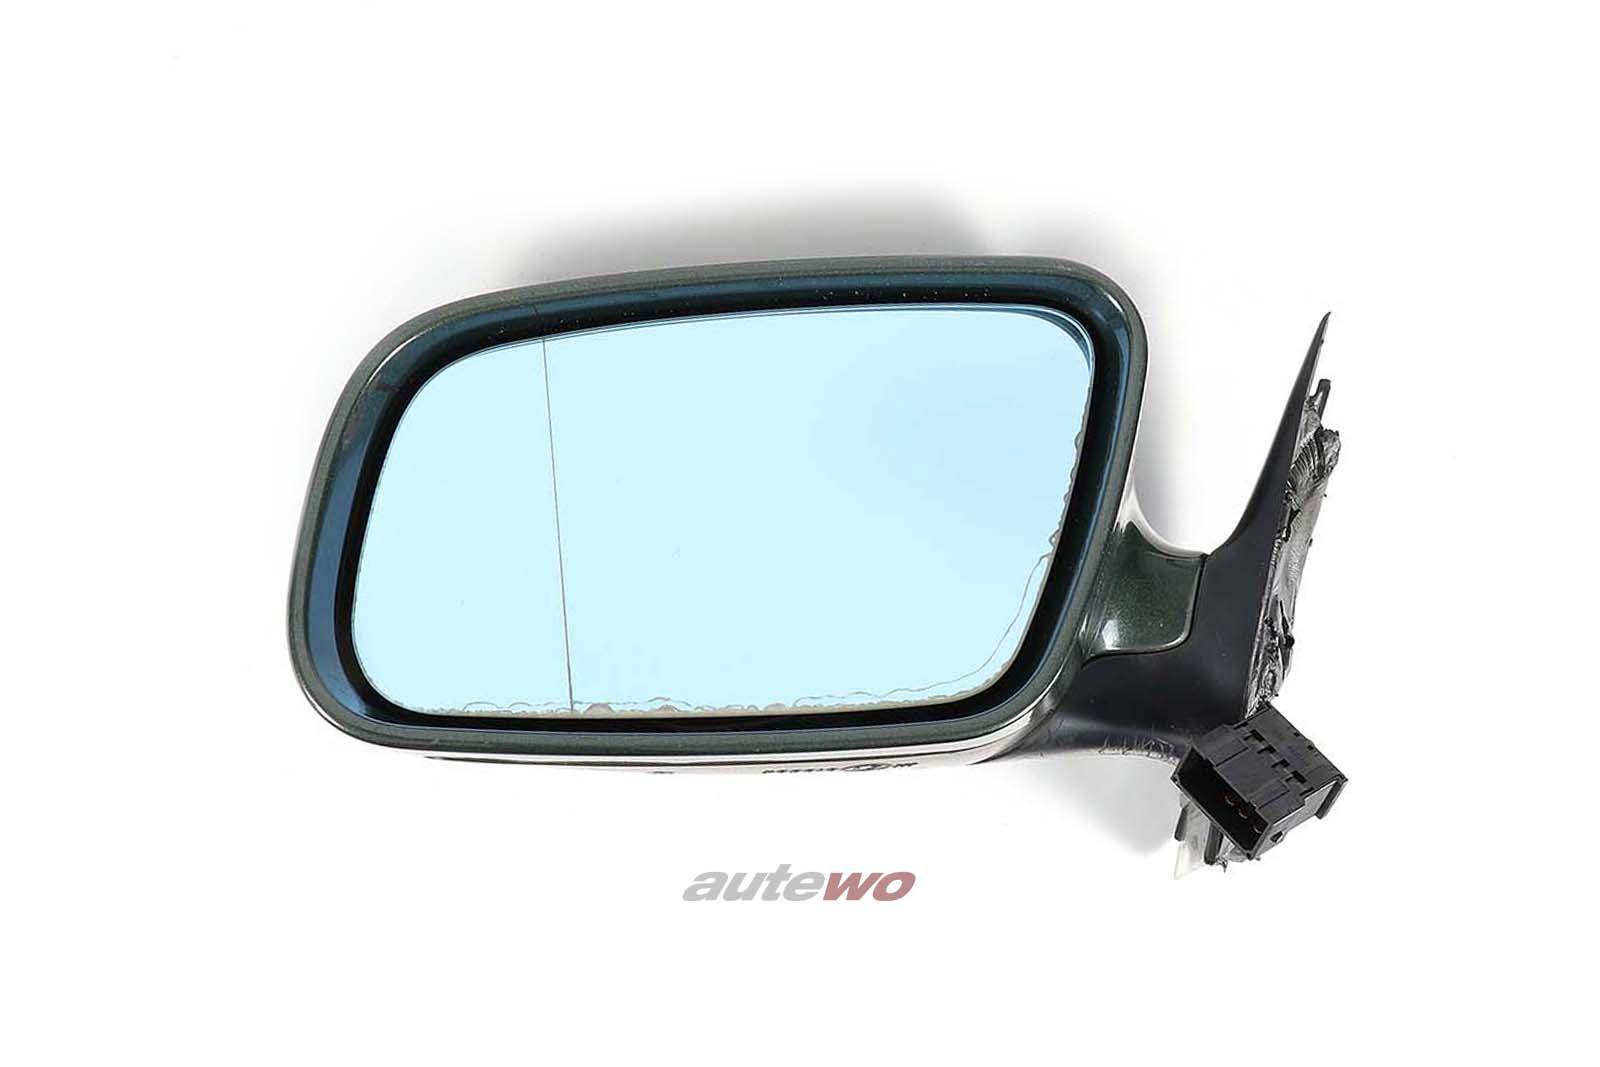 8D1858531J Audi A4/S4 B5 elektr. Außenspiegel Links dunkelgrün